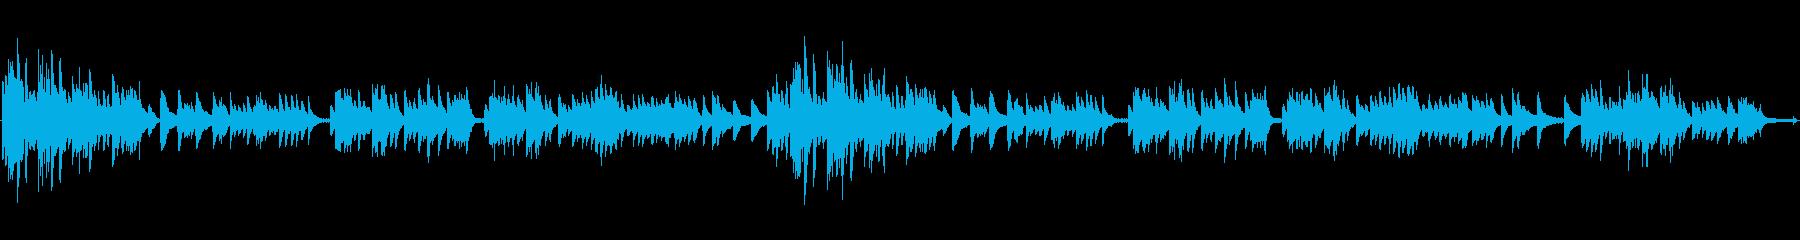 郷愁をそそる戦後復興ソングのピアノ伴奏の再生済みの波形